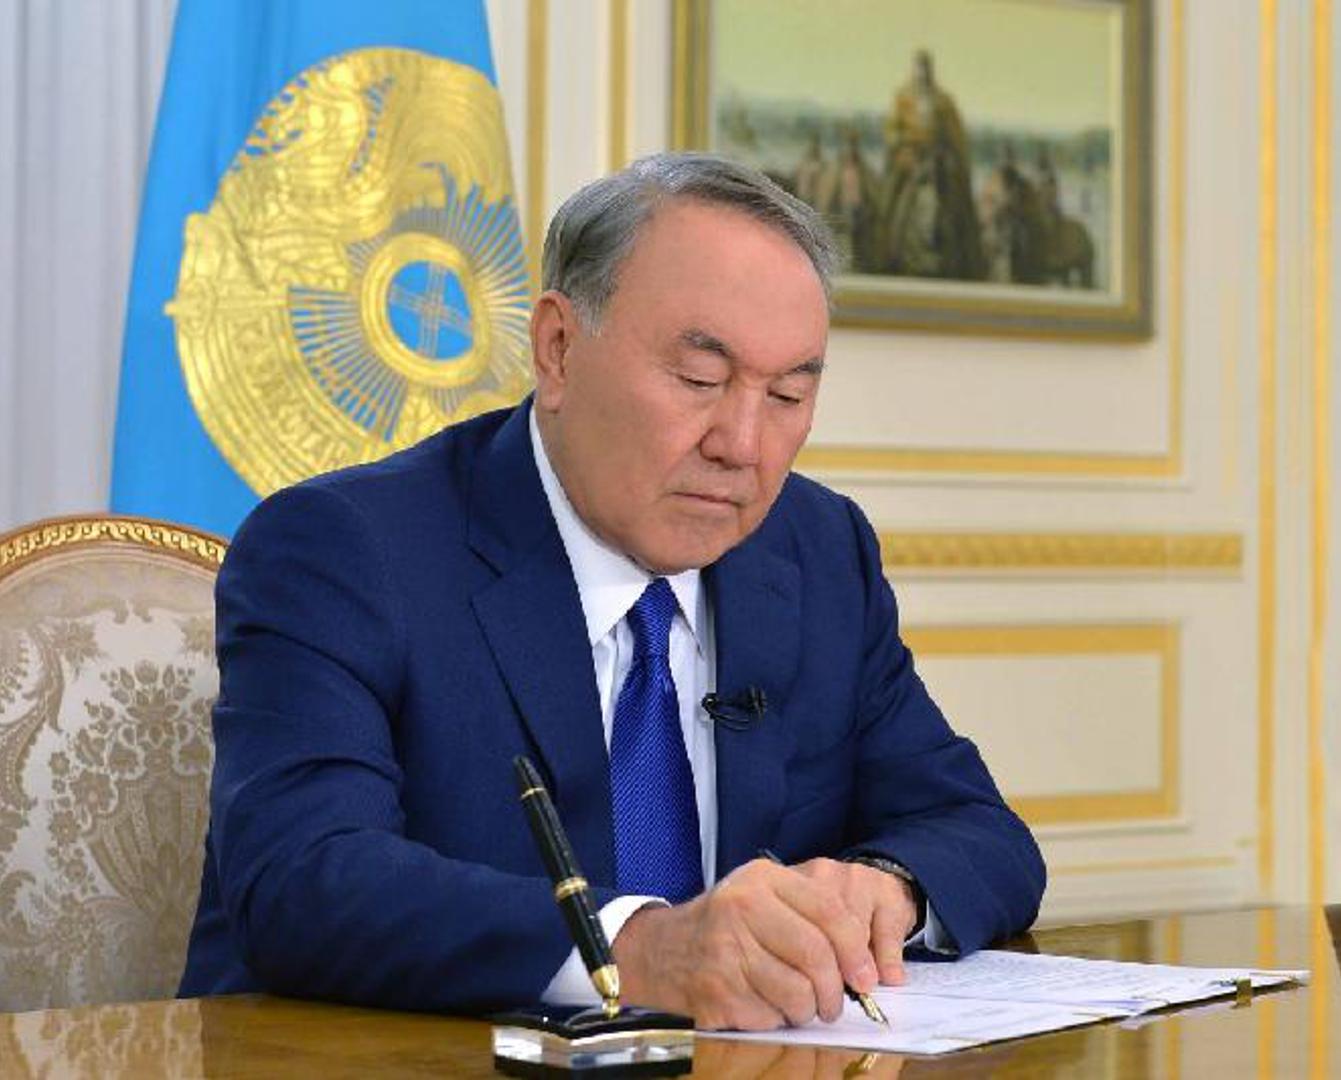 纳扎尔巴耶夫总统签署宪法修正案